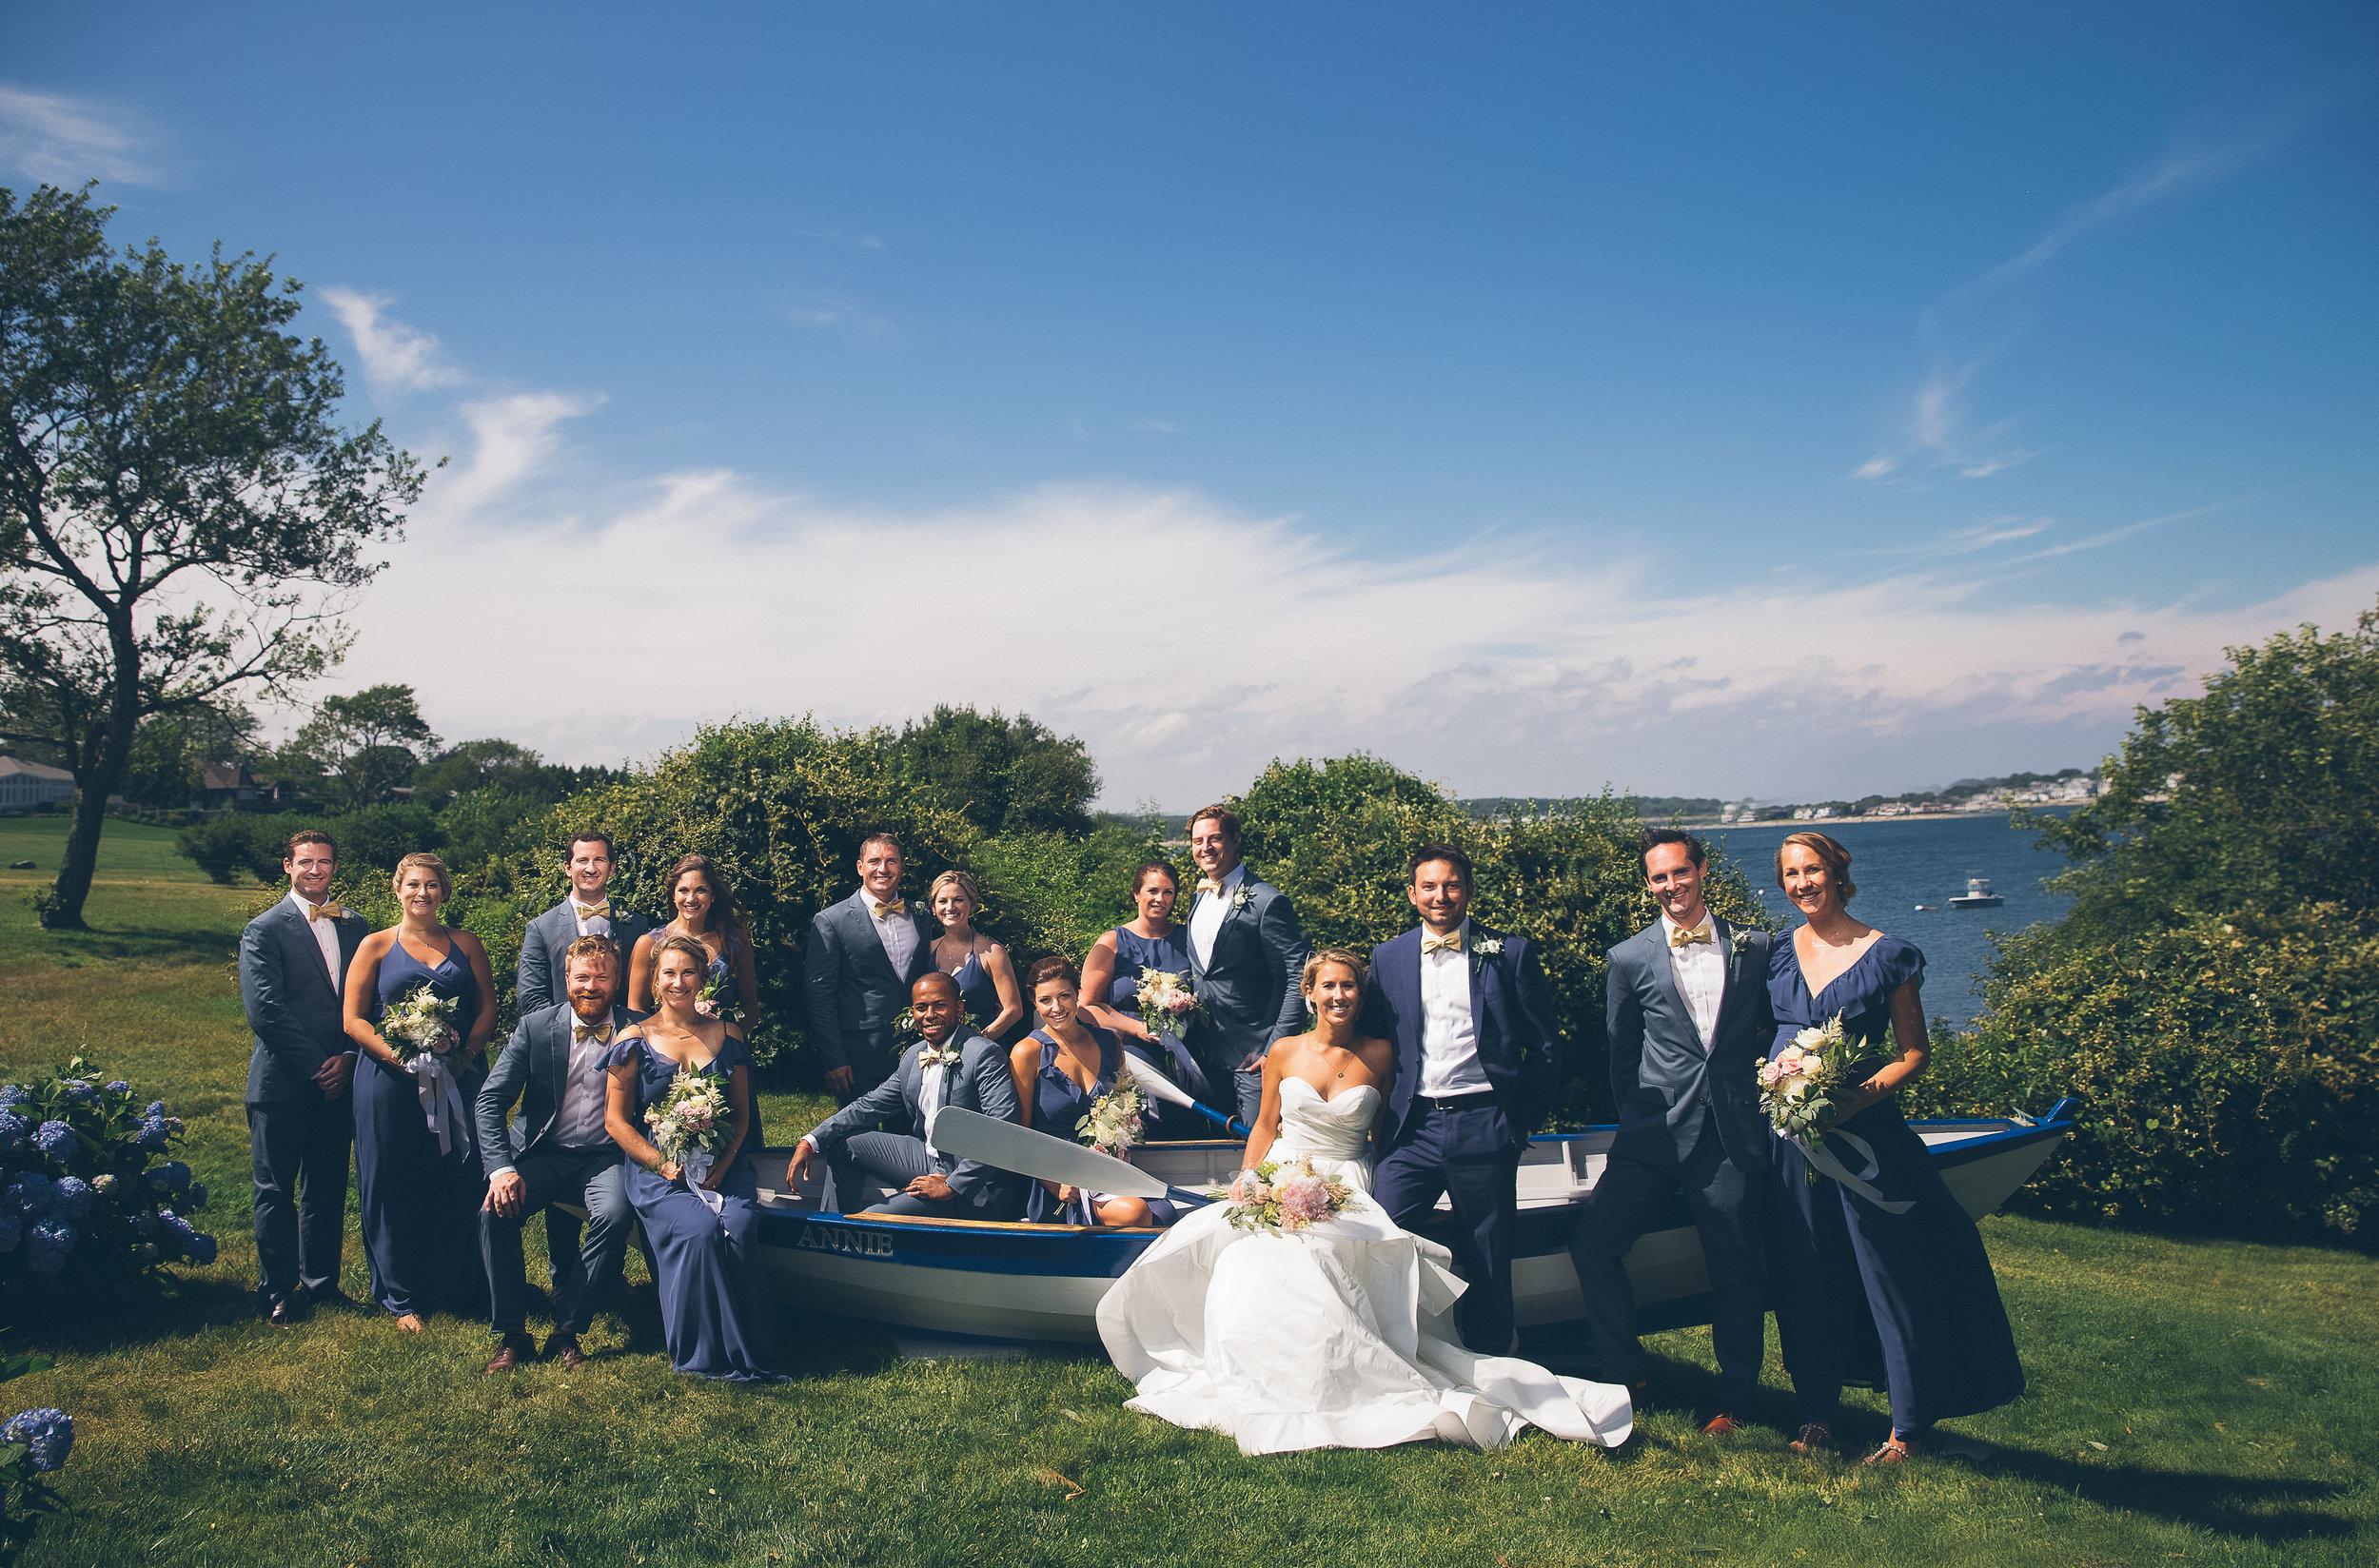 Anthony_and_Stork_Narragansett_Coastal_wedding-239.jpg